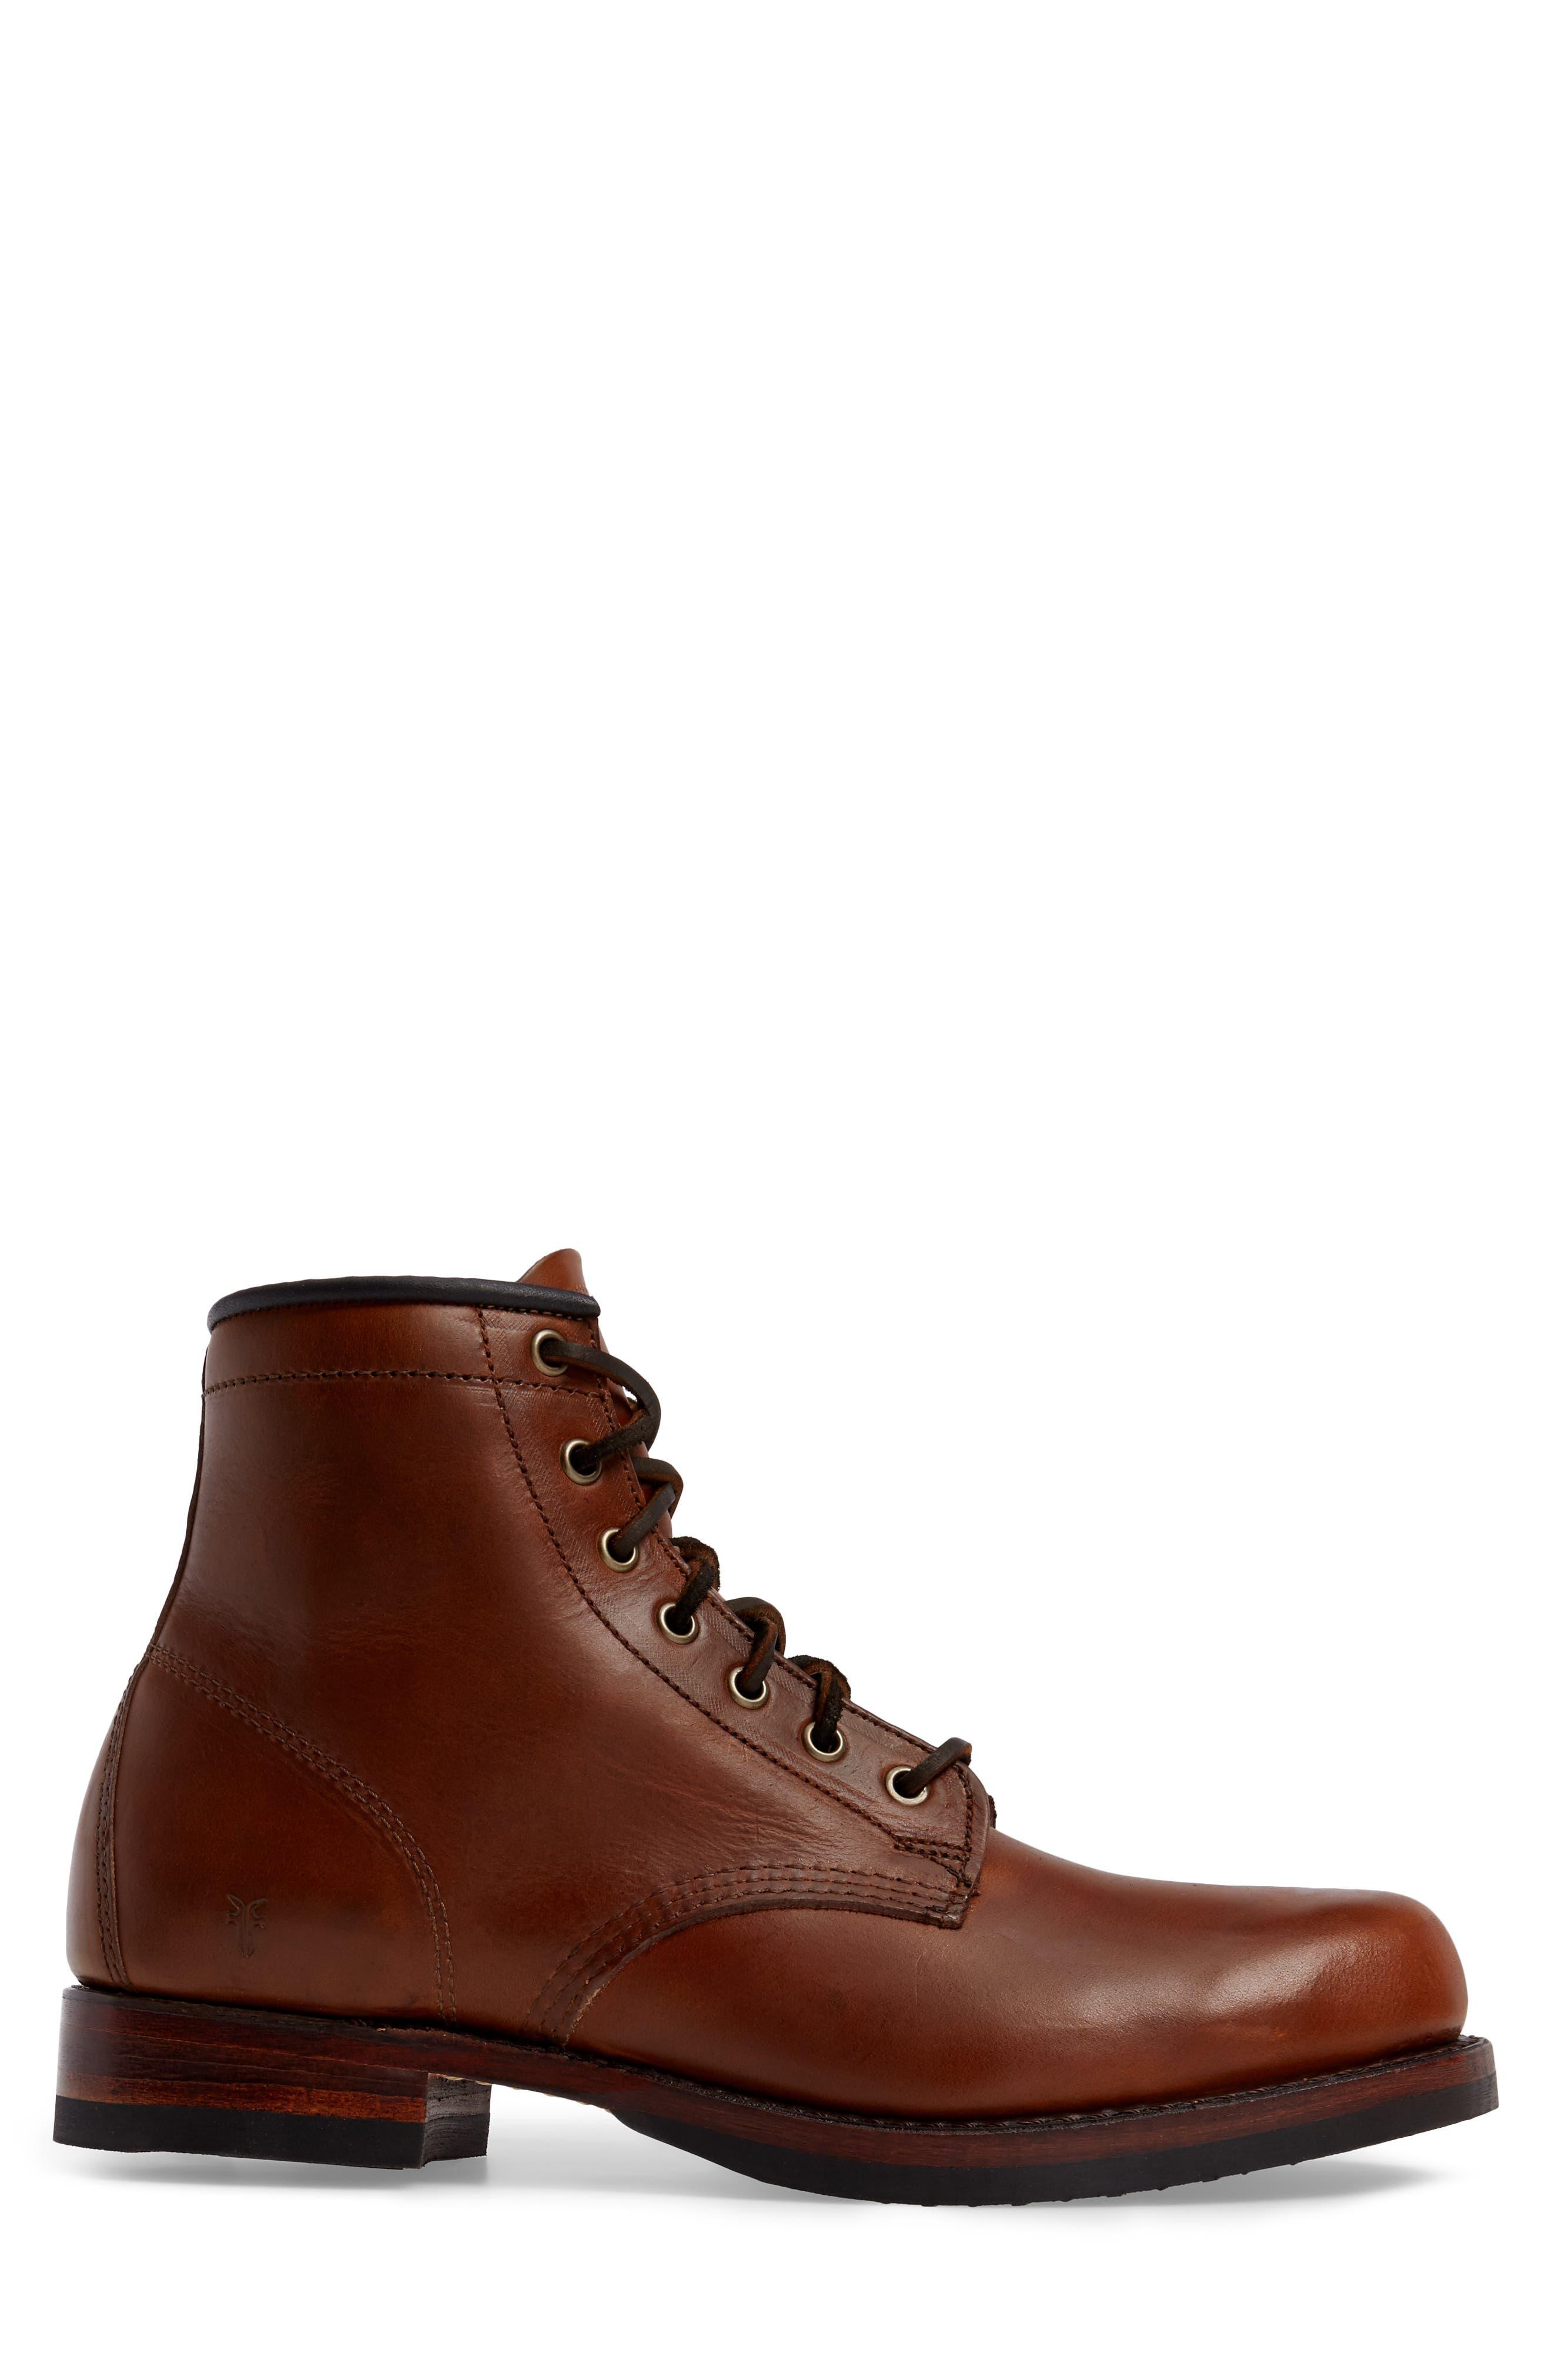 John Addison Plain Toe Boot,                             Alternate thumbnail 3, color,                             218